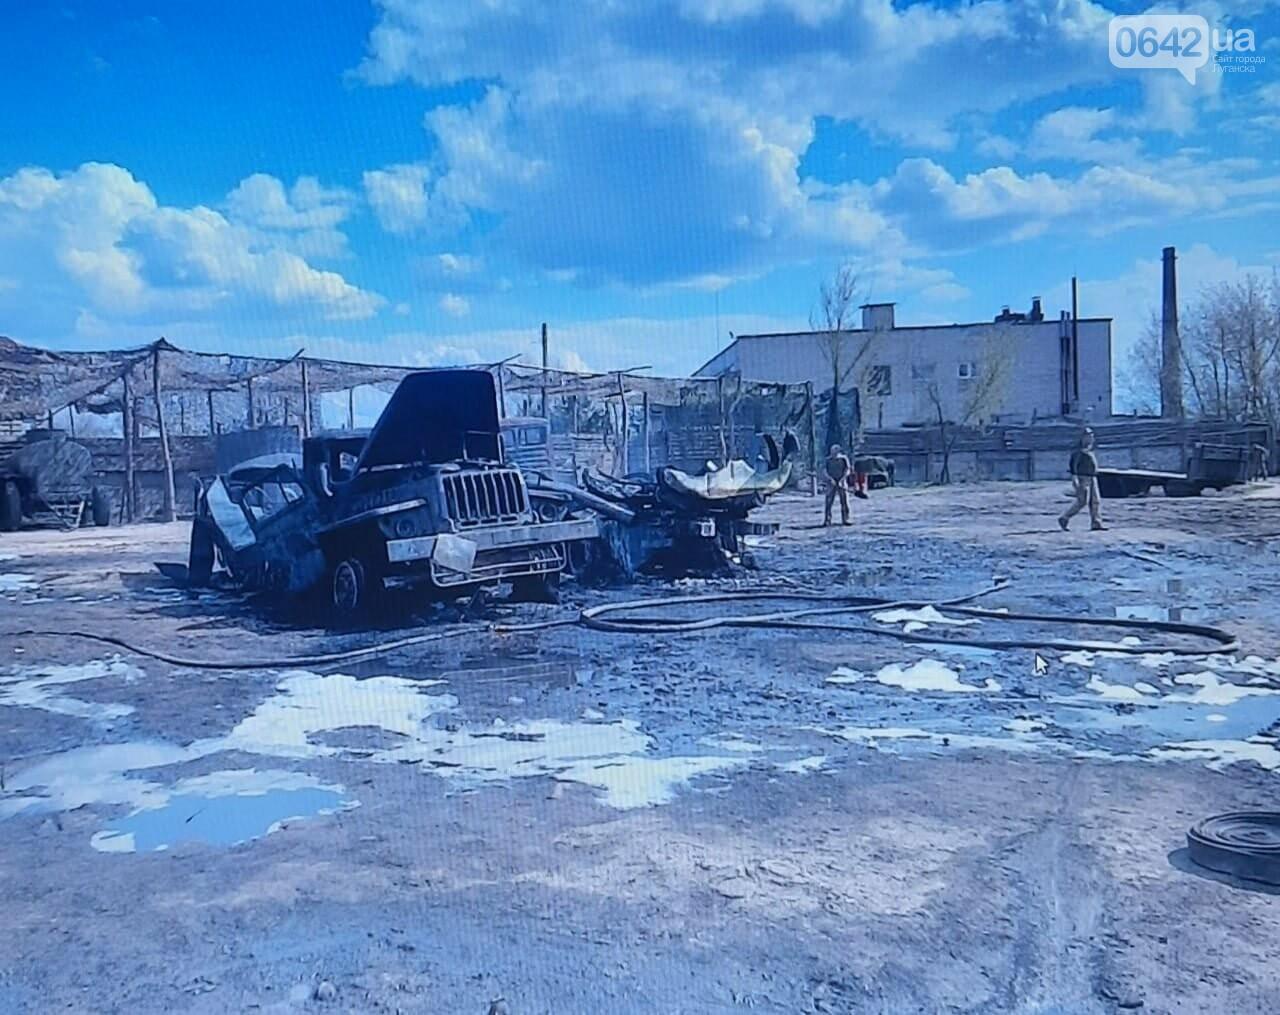 Горели четыре бензовоза: Известны подробности пожара в военной части на Луганщине, - ФОТО, фото-2